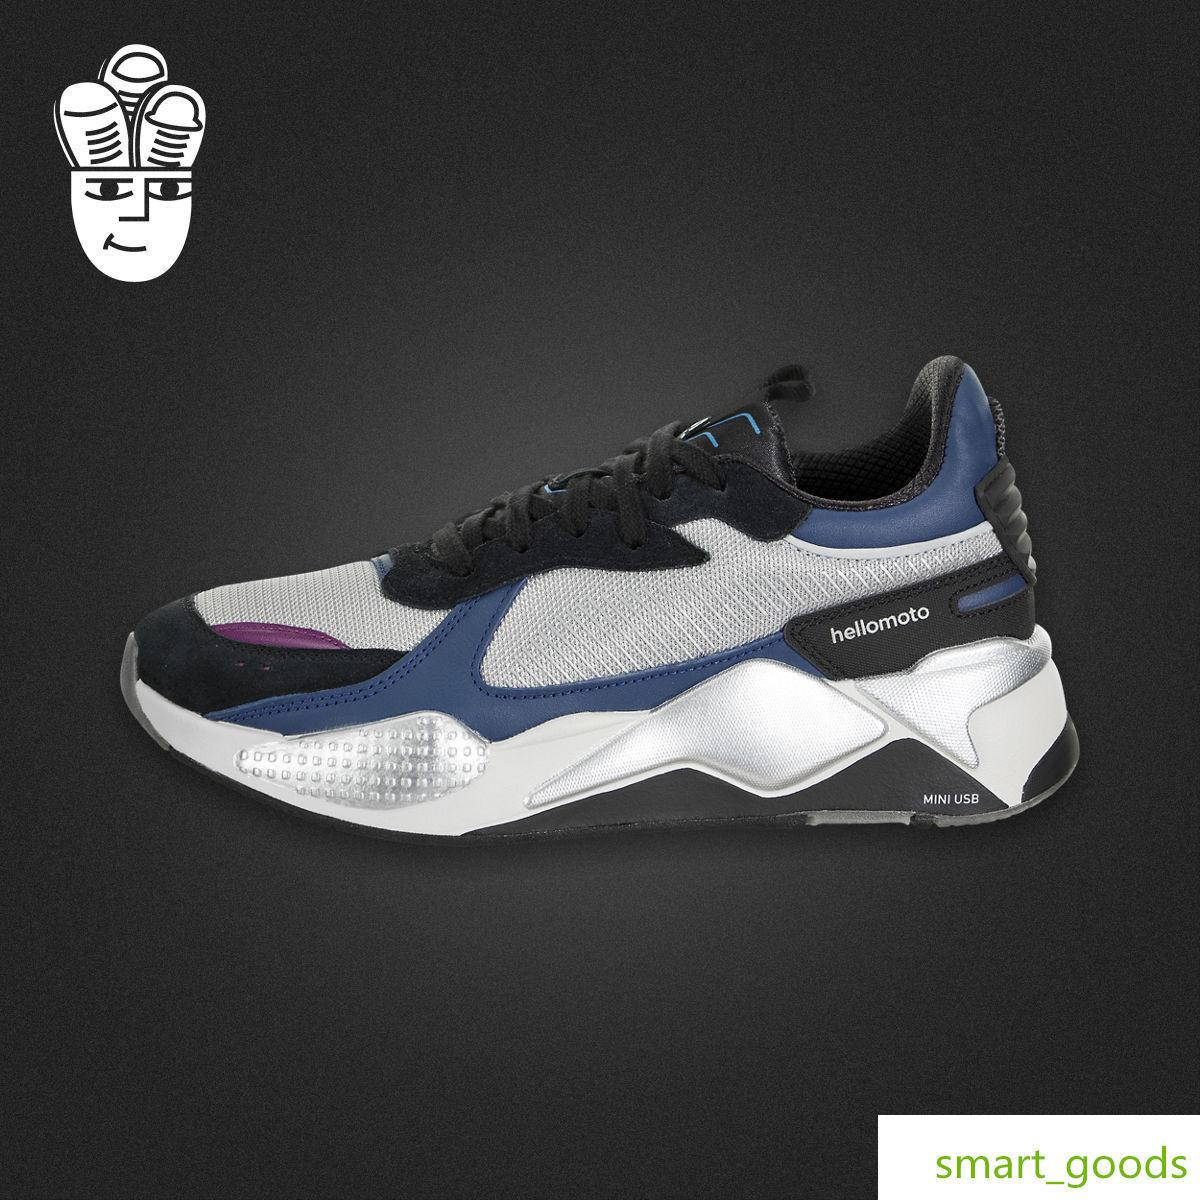 Cougar Rs -x Tech Мужской Лошадь Наука и Техника Ветрозащитные кроссовки Motorola совместно финансируют повседневную обувь